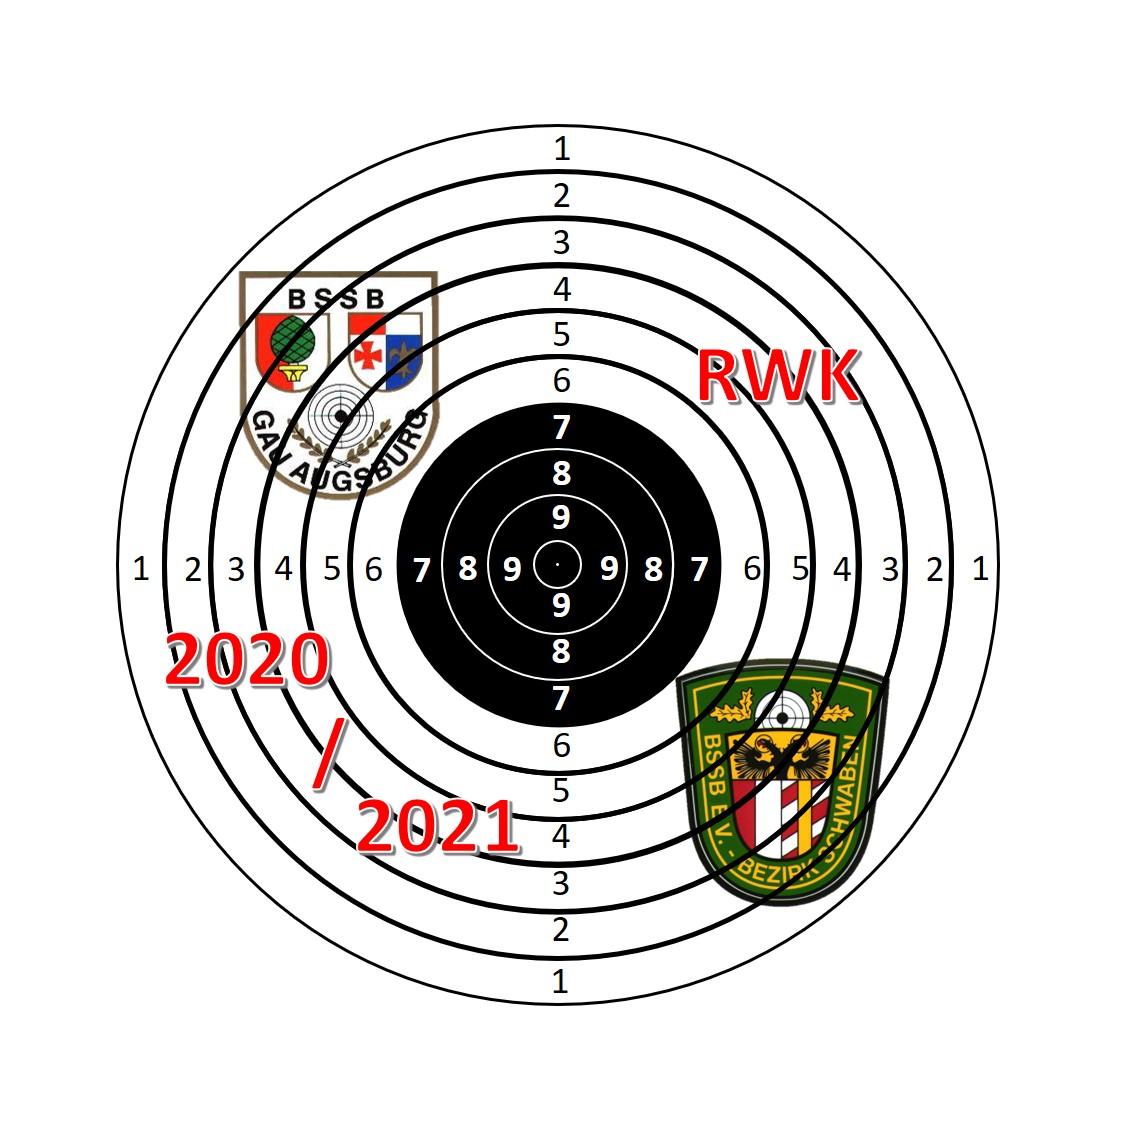 RWK Saison 2020 / 2021